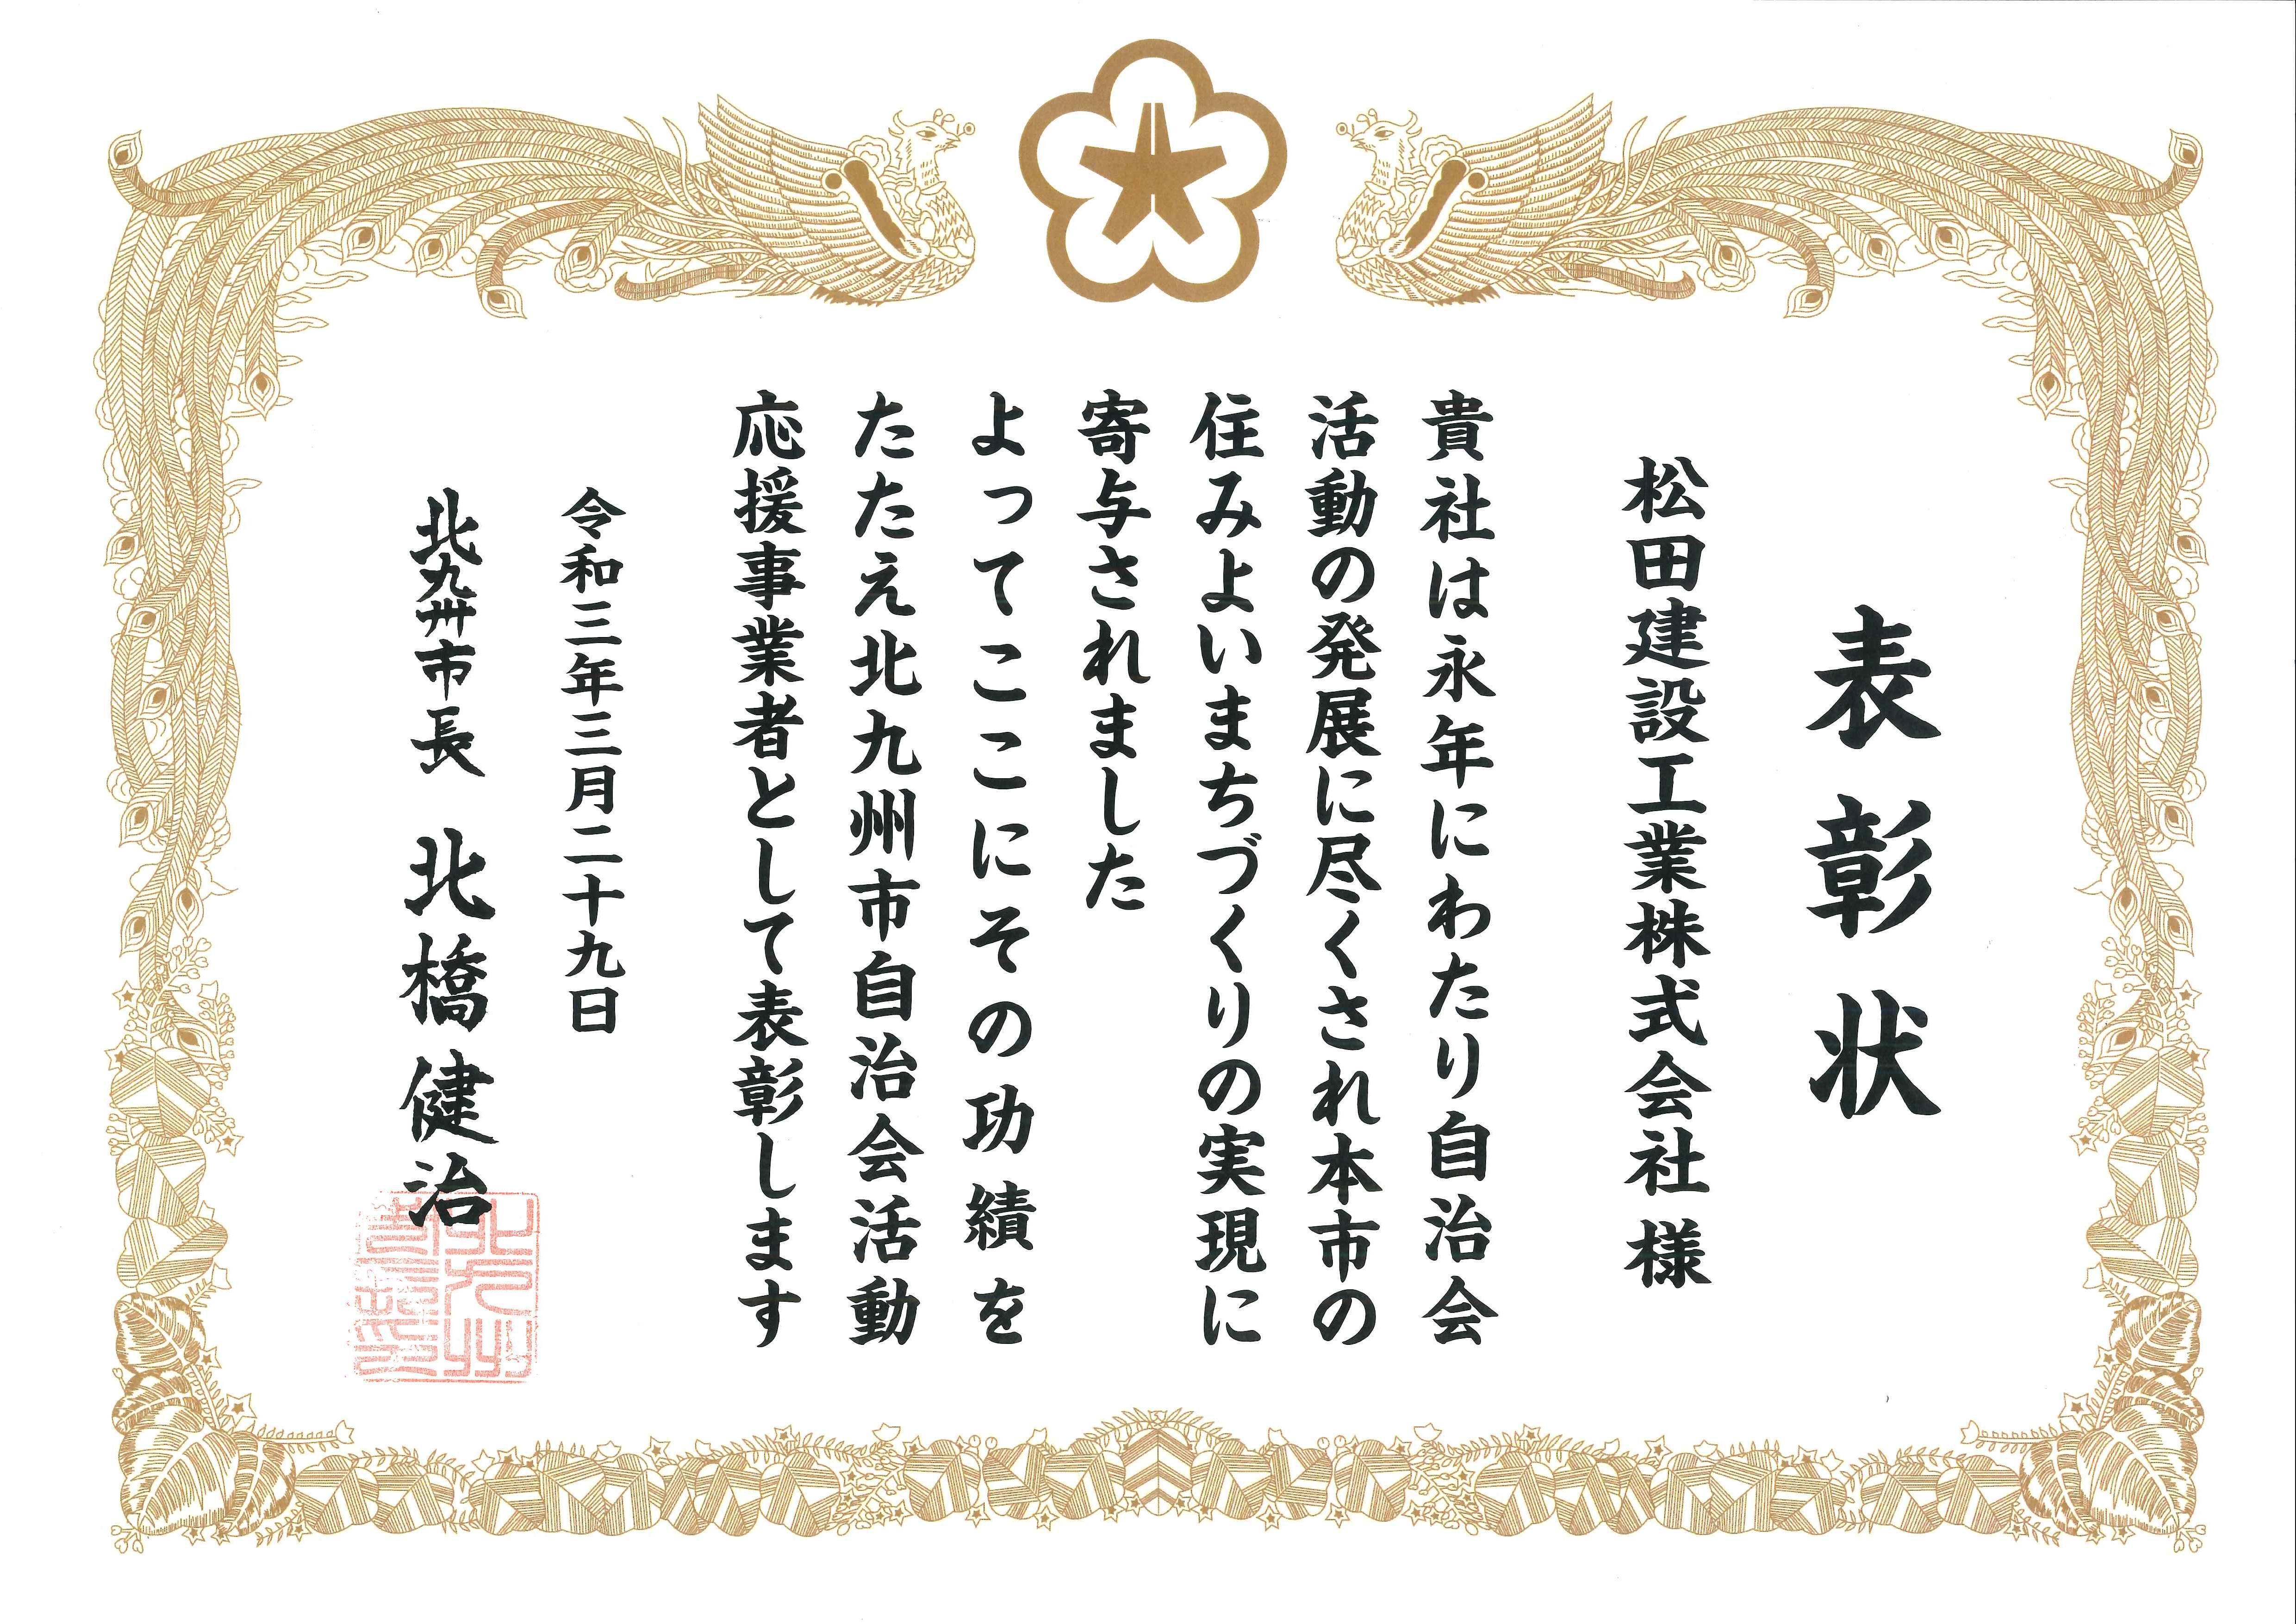 自治会活動応援事業者表彰.jpg